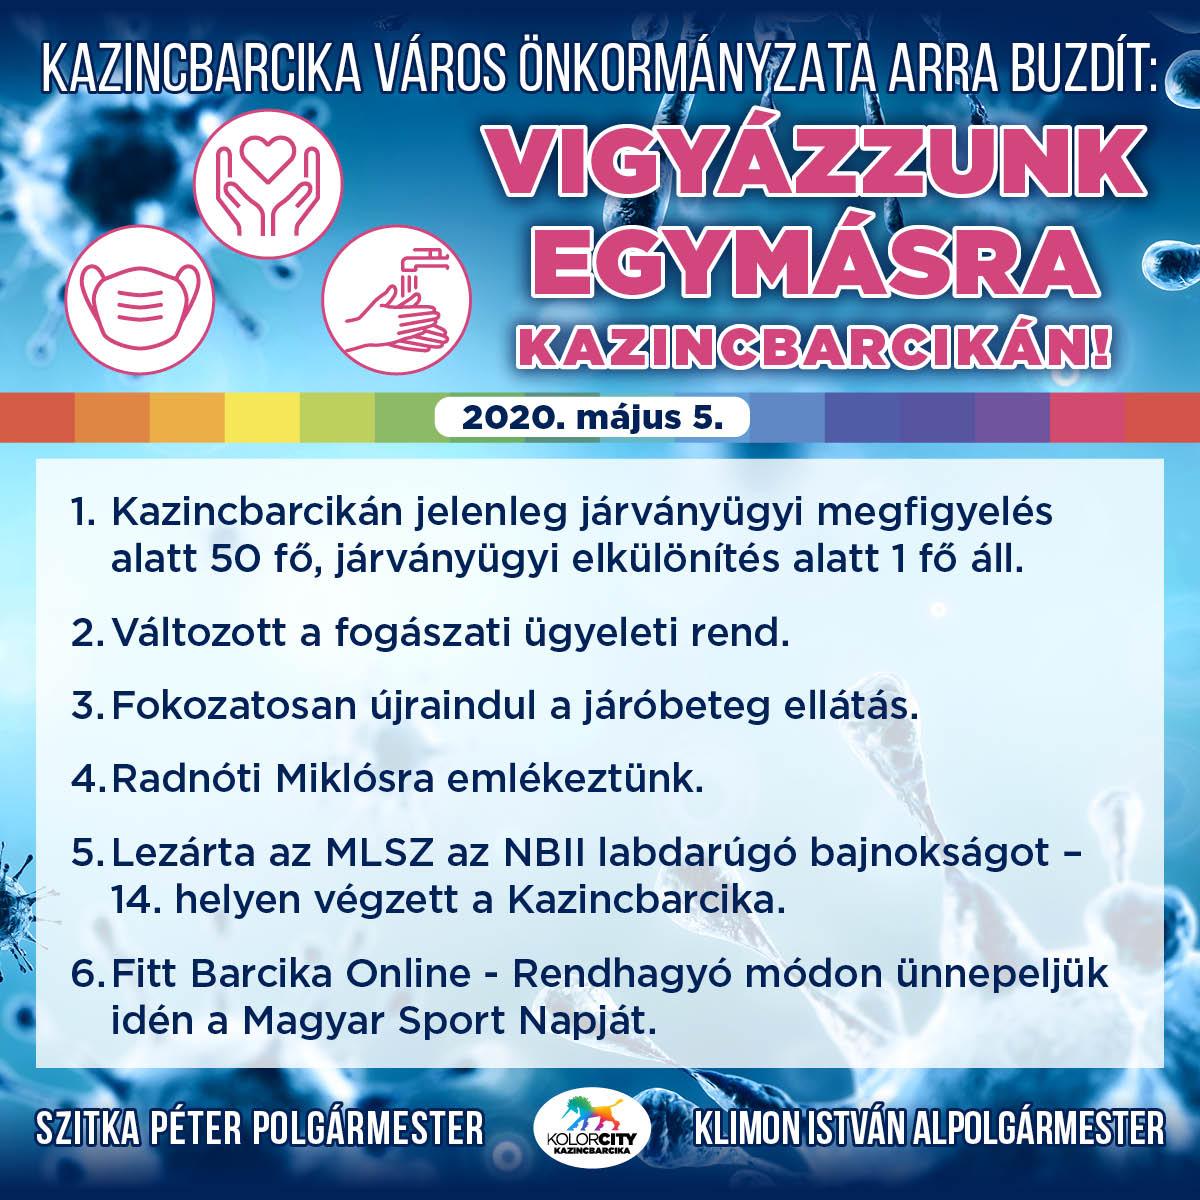 https://kolorline.hu/Vigyázzunk egymásra Kazincbarcikán! – 2020. május 5.